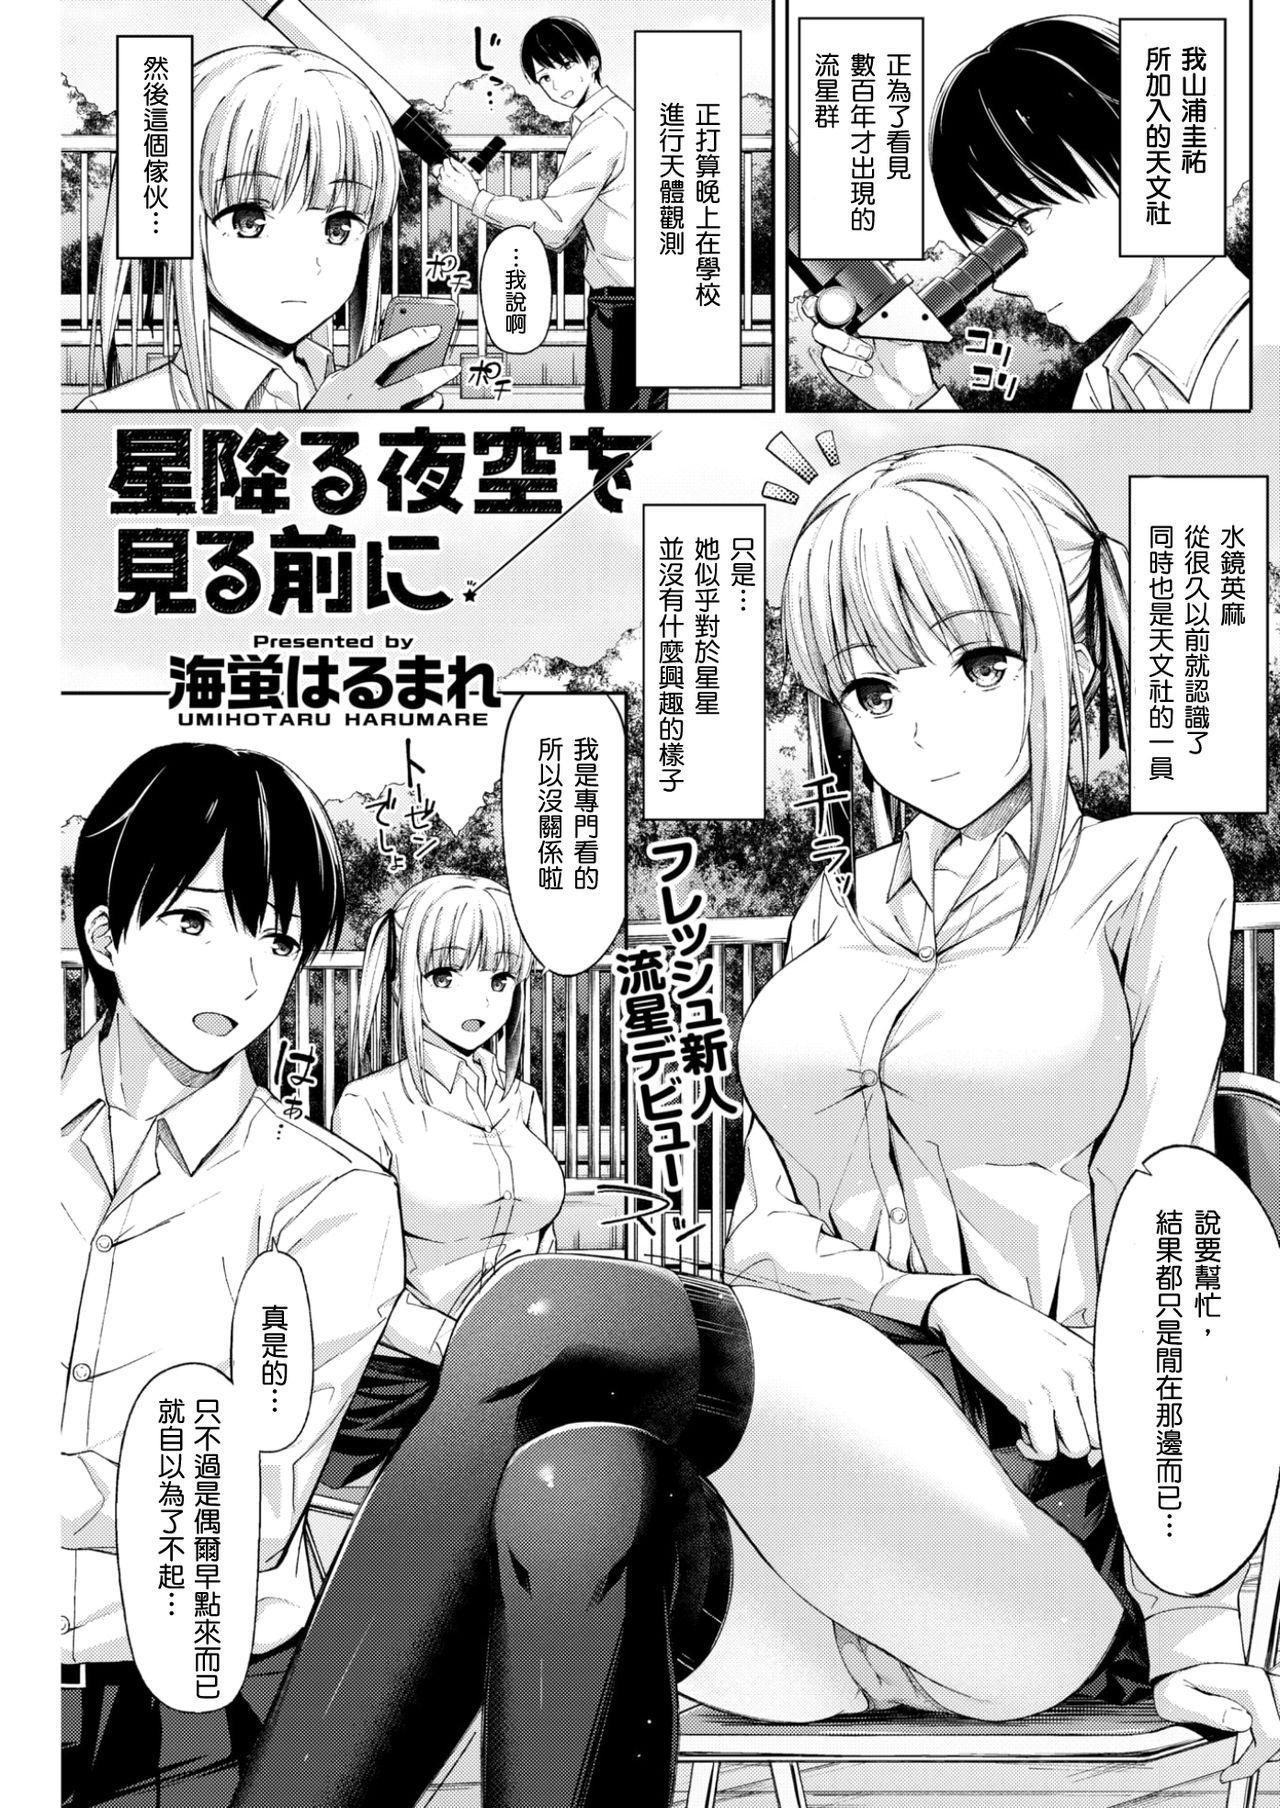 Hoshi Furu Yozora o Miru Mae ni 0